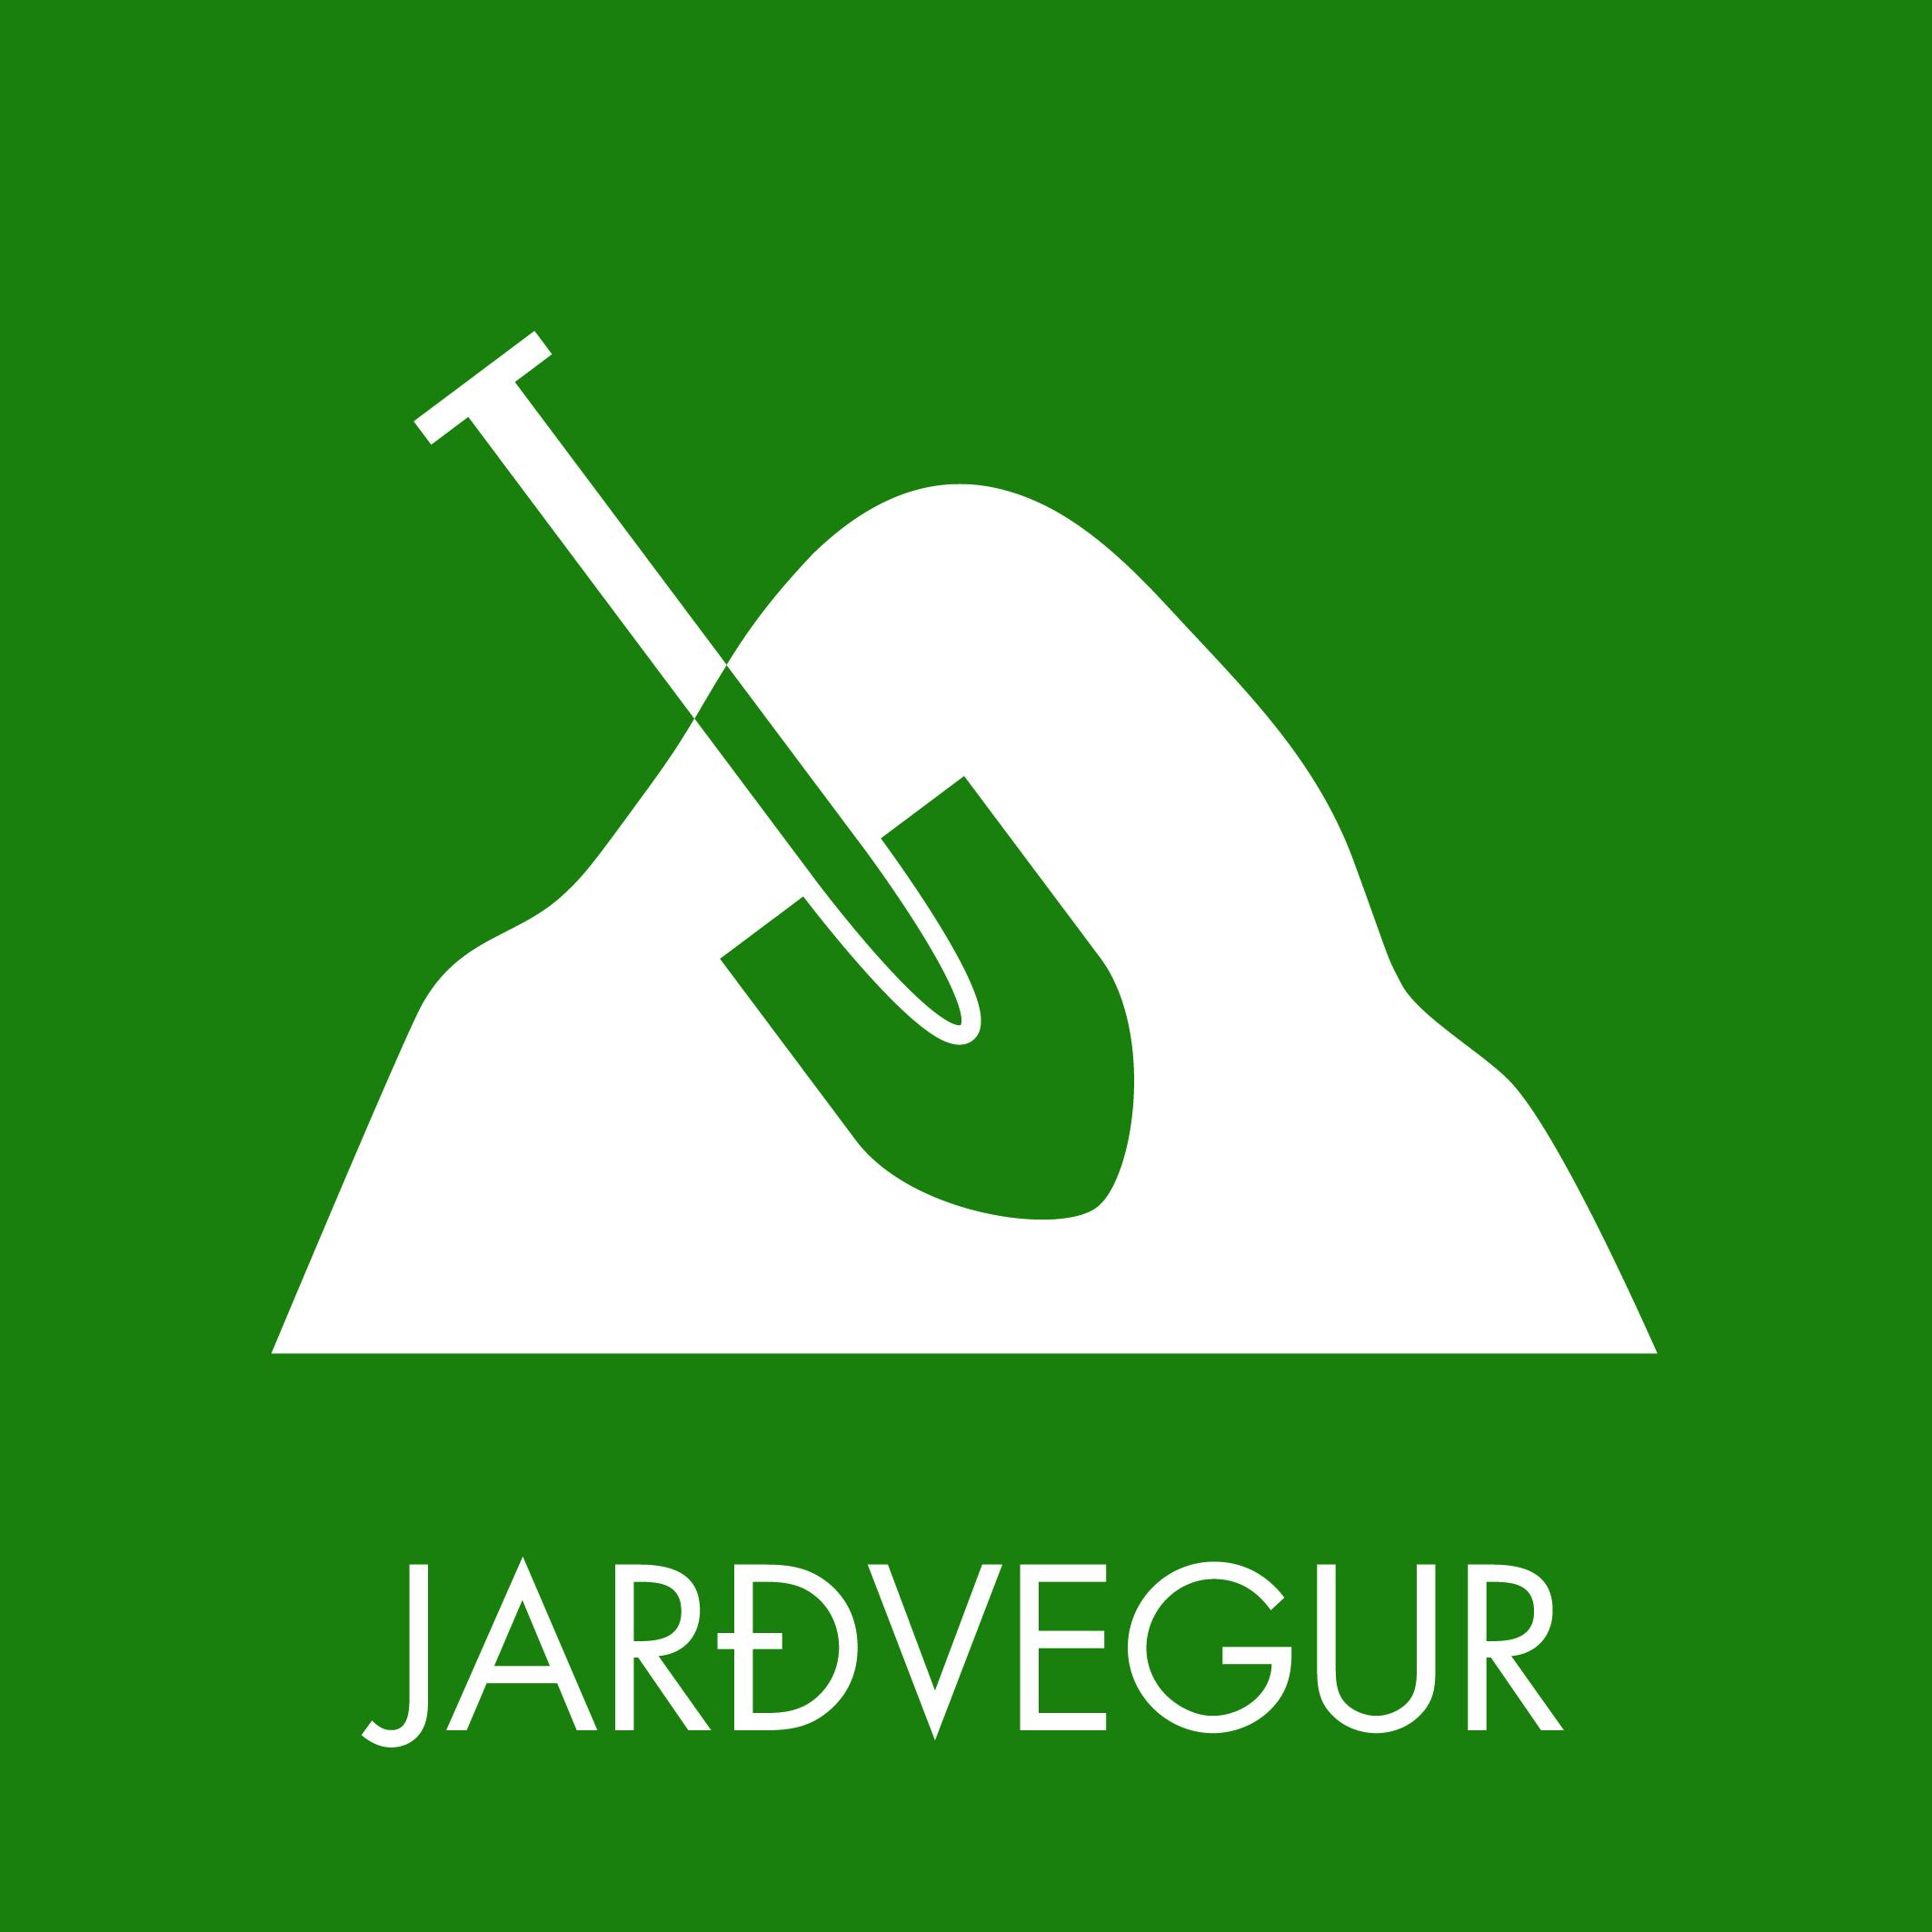 Jarðvegur